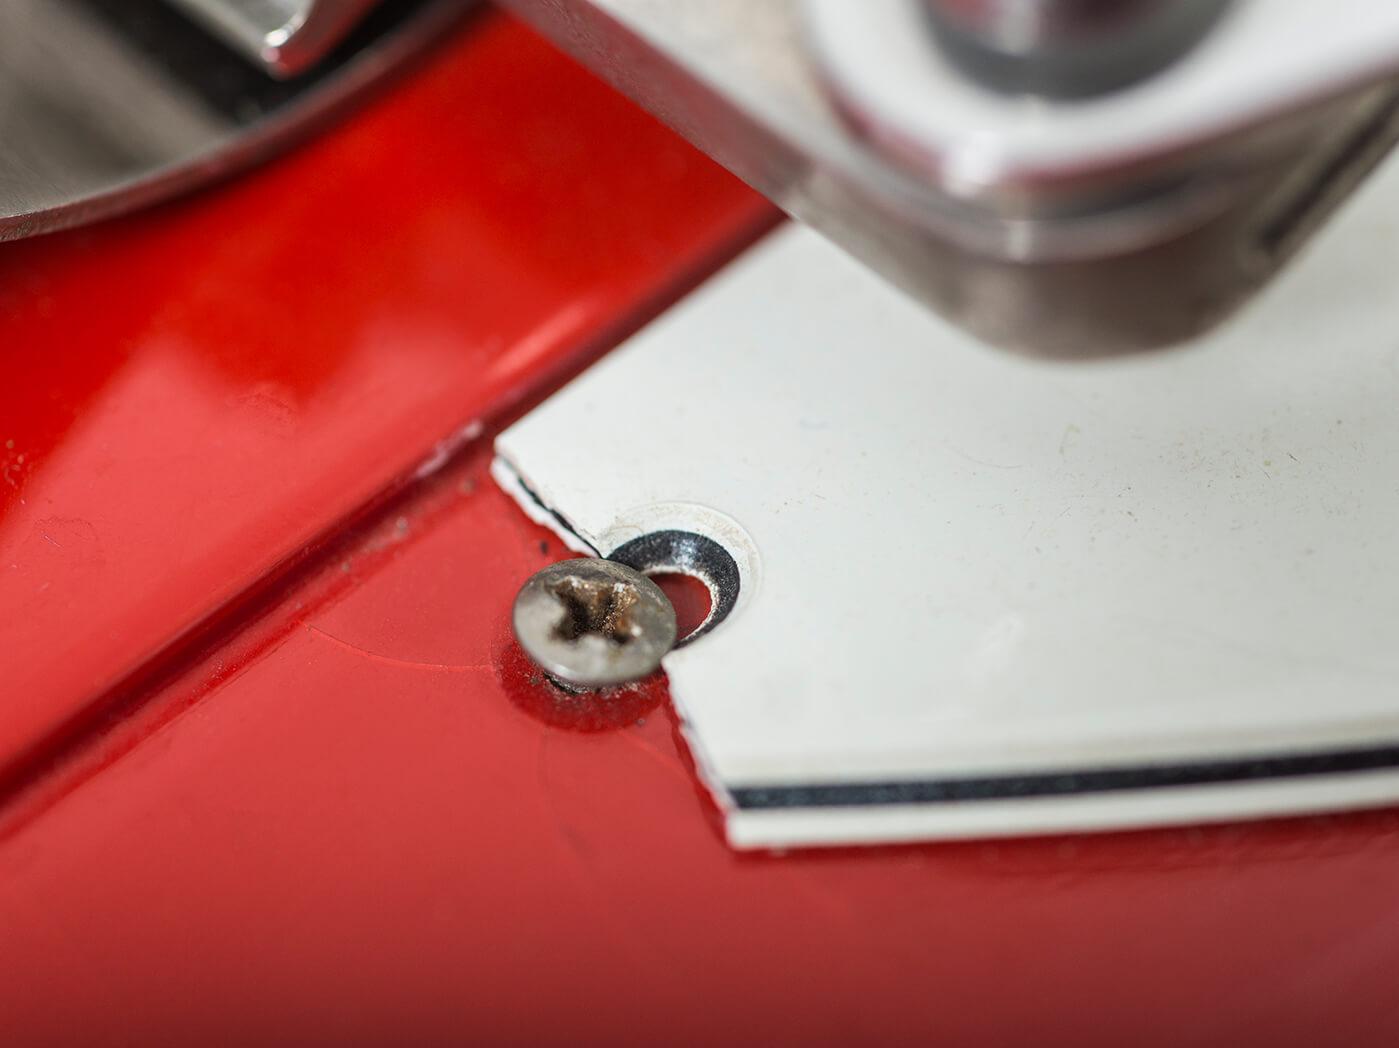 Gibson 1964 Firebird III red pickguard screw